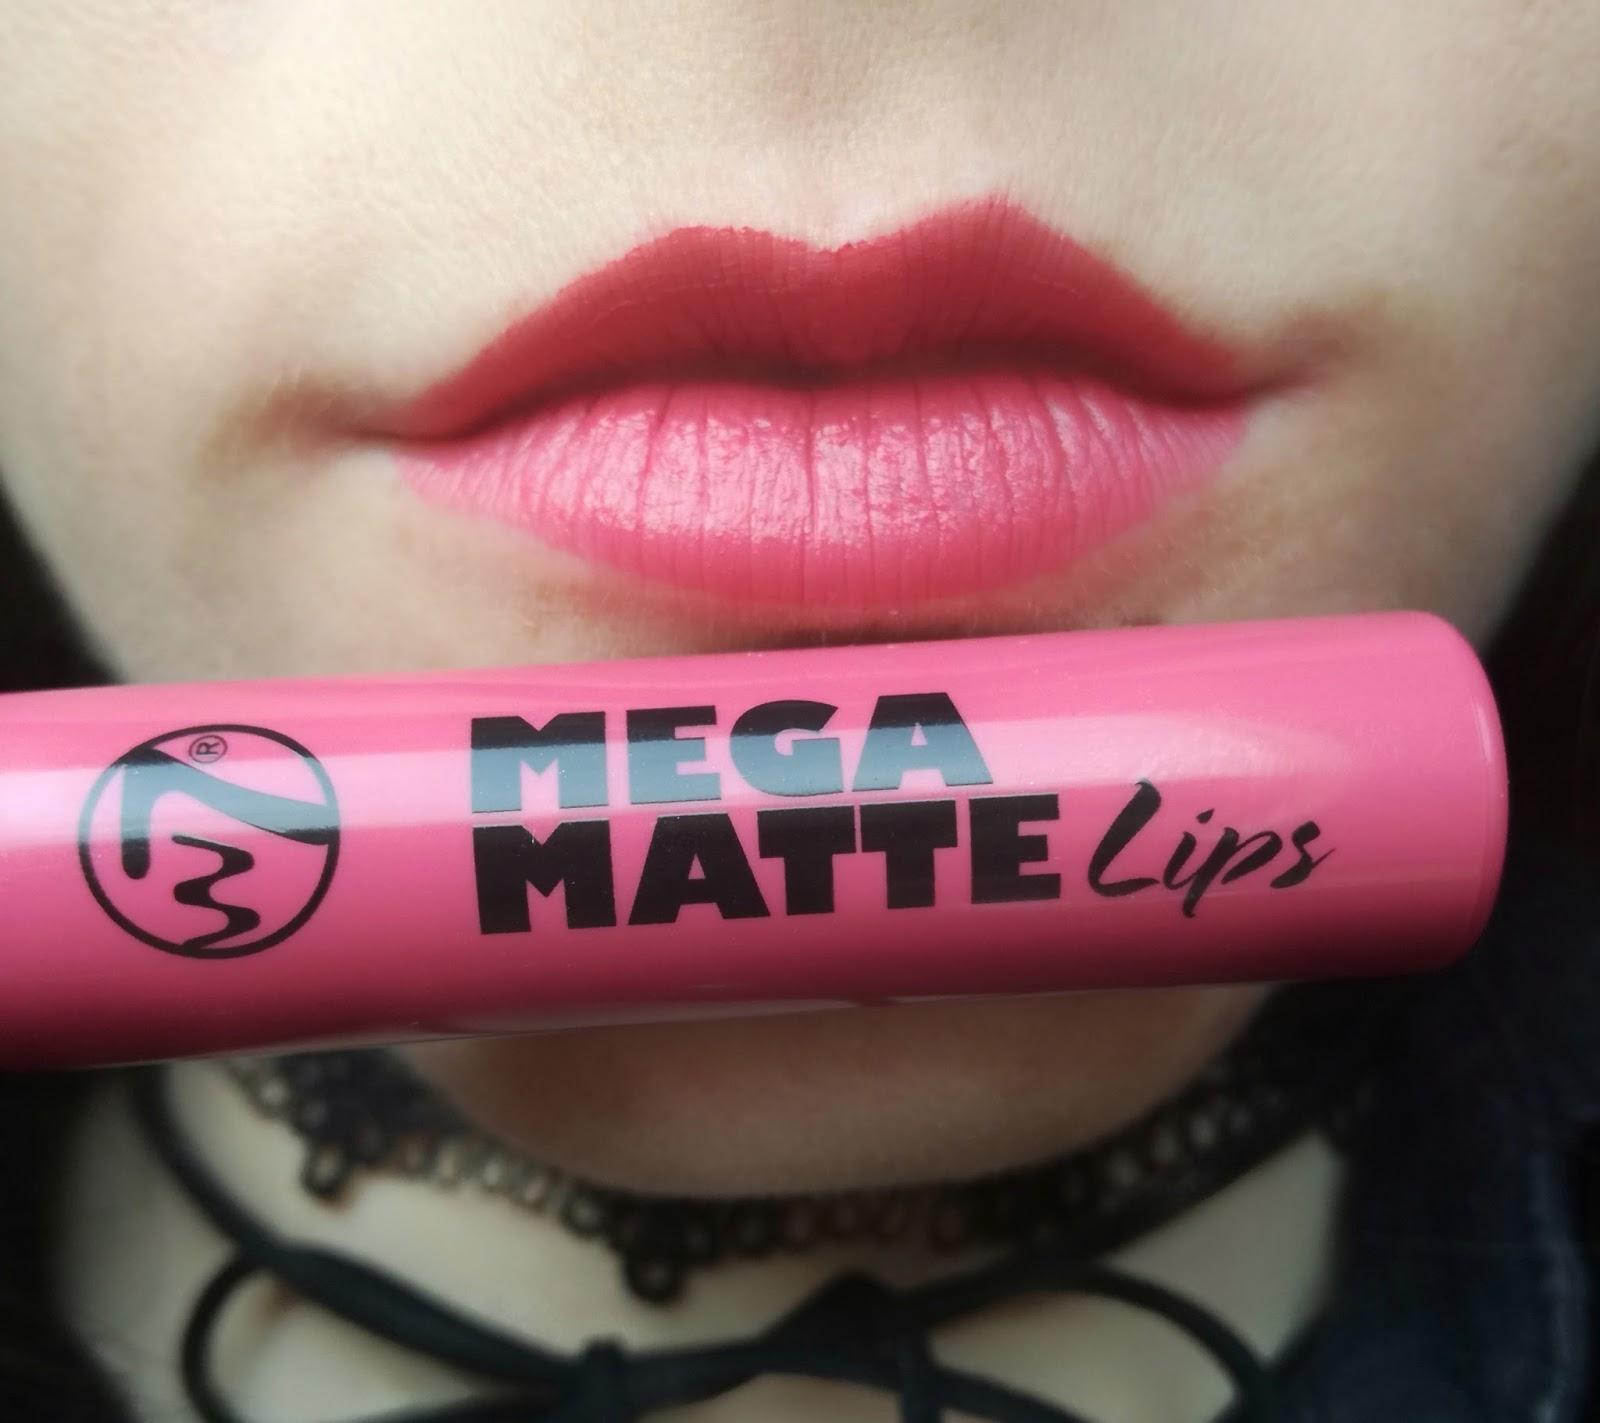 W7-mega-matte-lips-liquid-lipsticks-Oddball